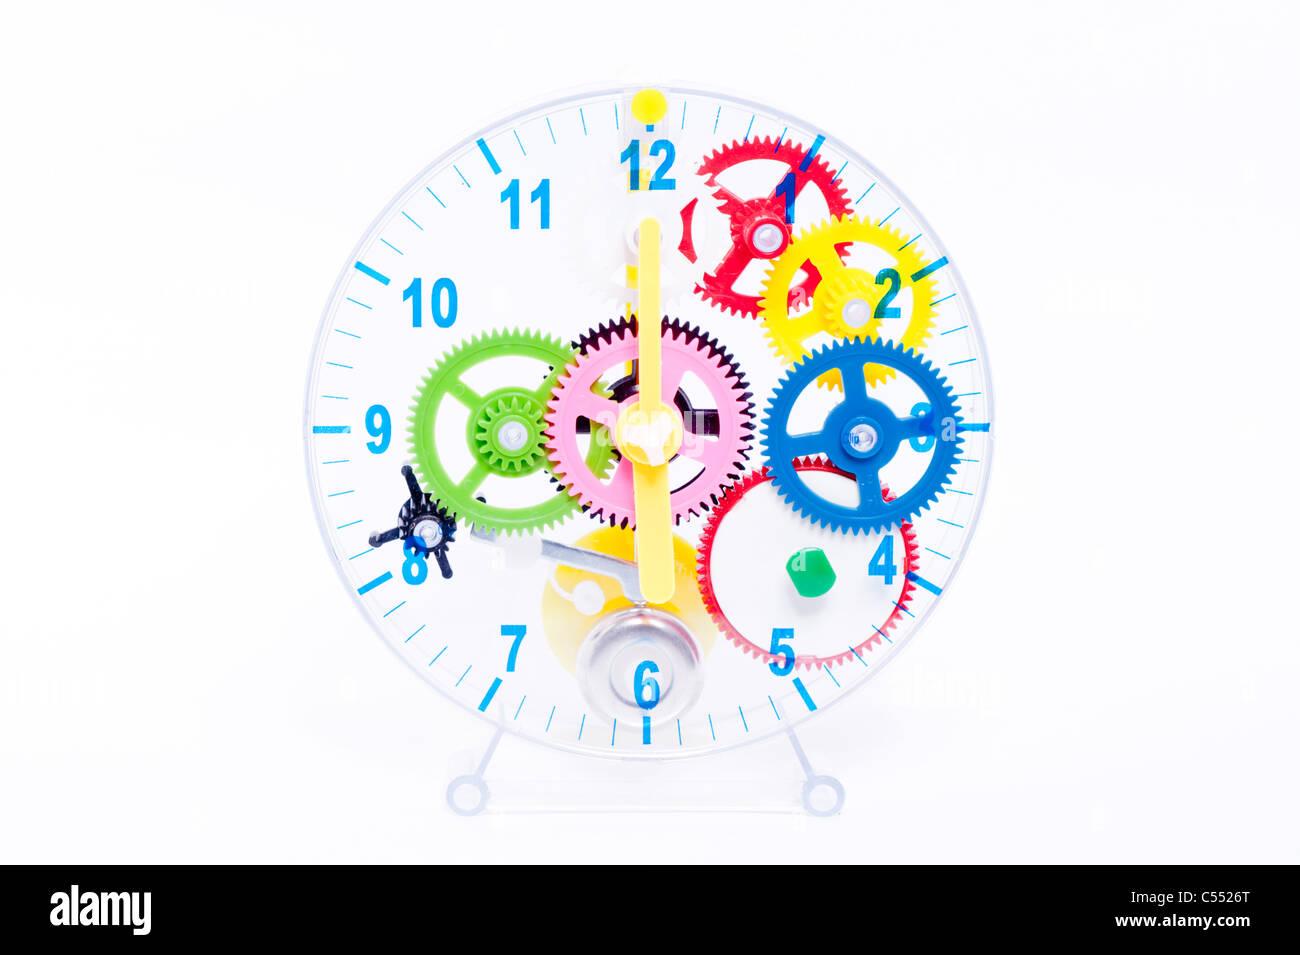 Un bambino fare il vostro proprio orologio trasparente kit con meccanismo di lavoro su sfondo bianco Immagini Stock